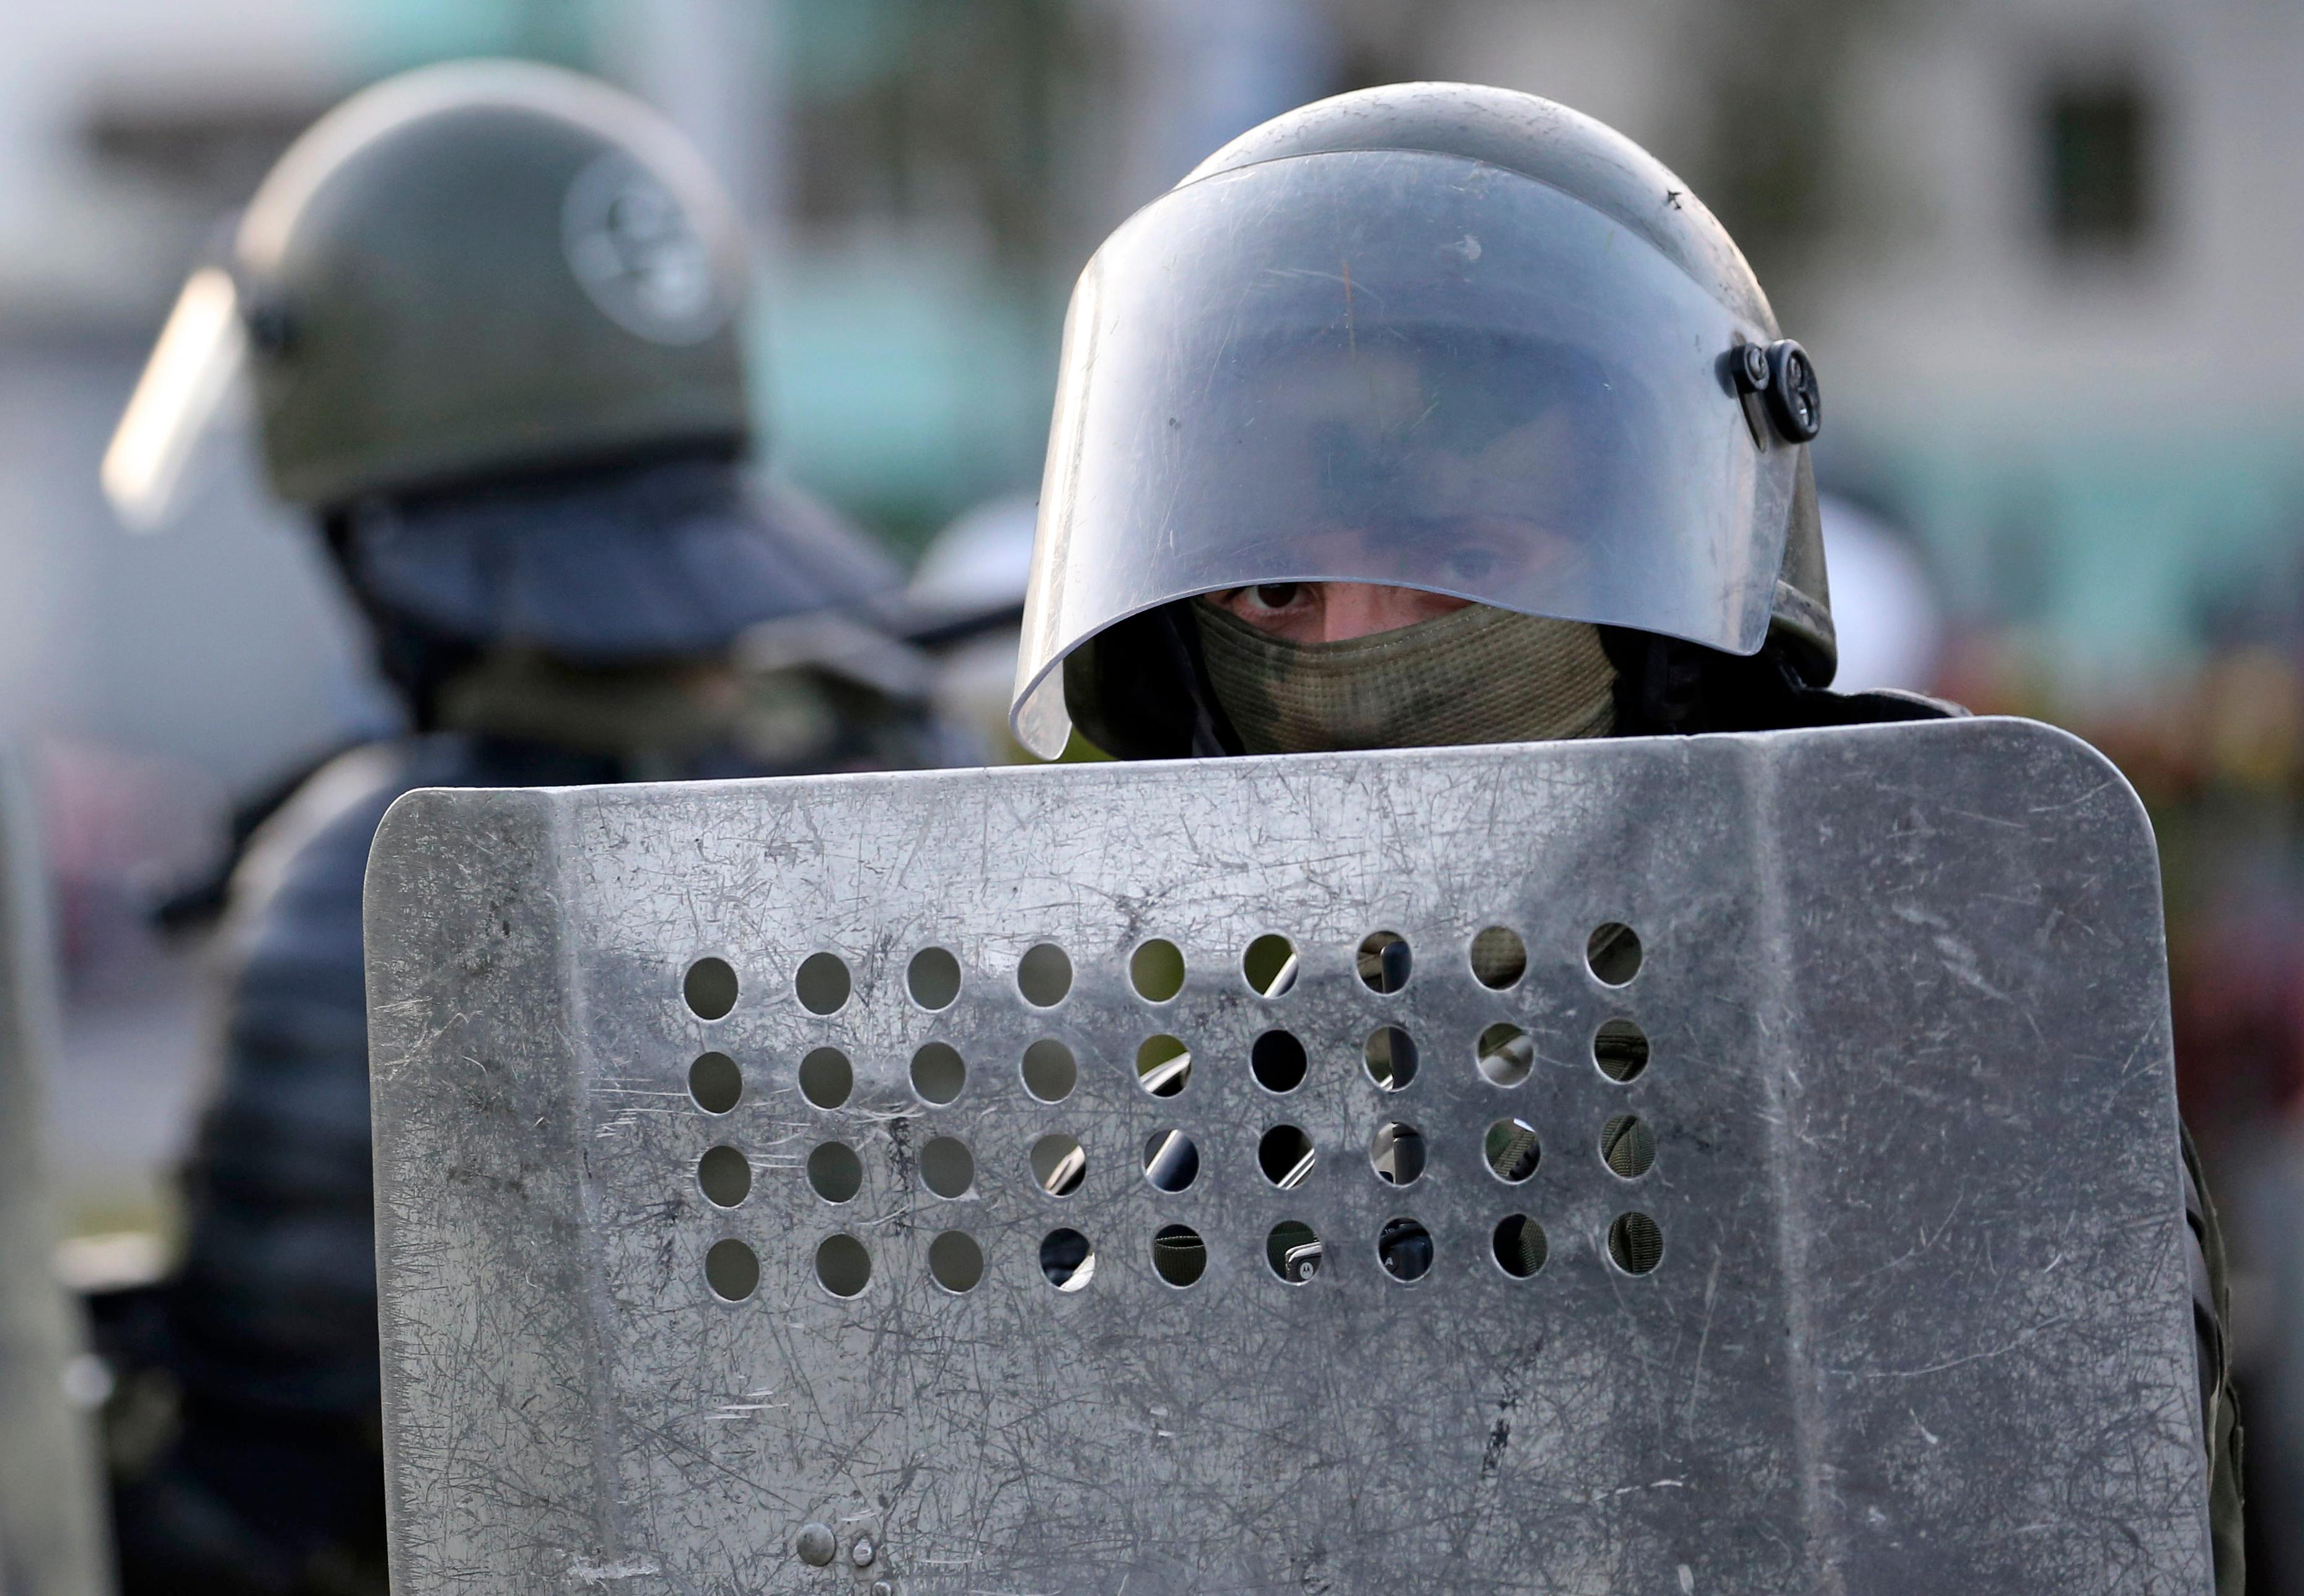 СК Белоруссии подозревает российских журналистов Важенкова и Рогова в участии в беспорядках